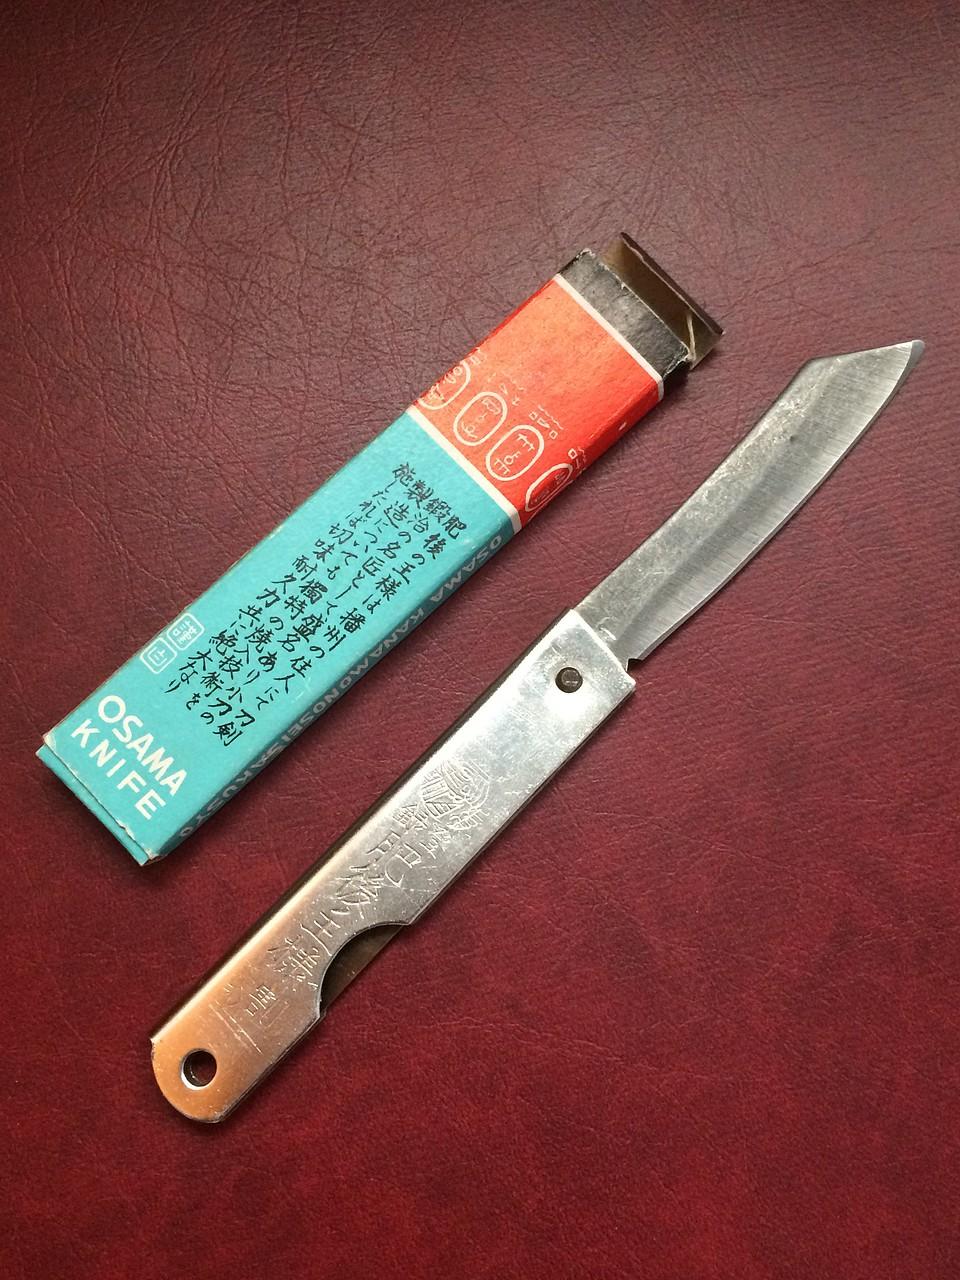 Foro armas blancas cuchillos navajas y m s higonokami dos hojas navajas - Navajas buenas ...